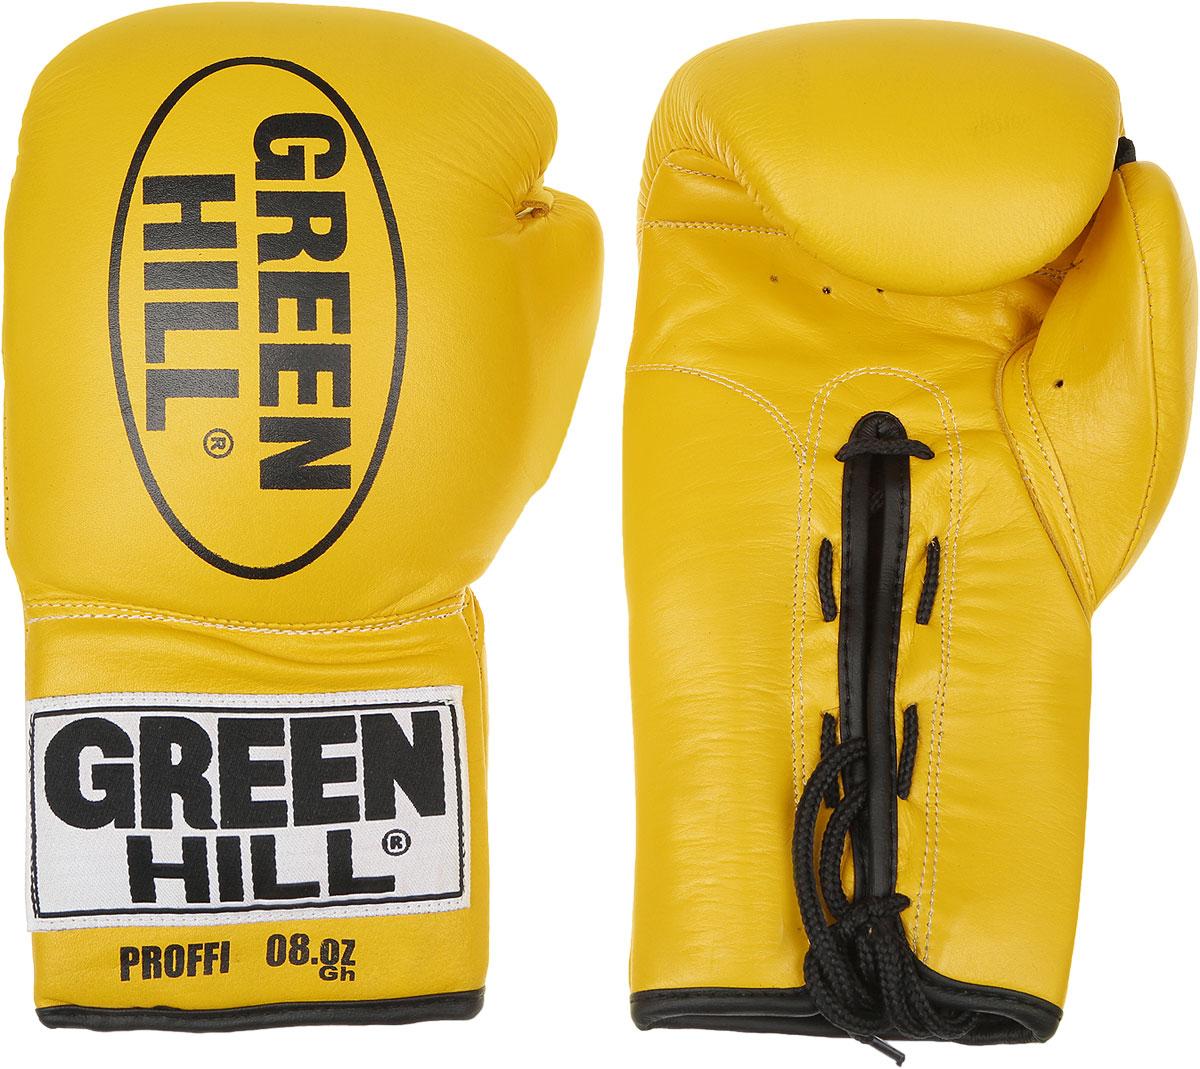 Перчатки боксерские Green Hill Proffi, цвет: желтый, черный. Вес 8 унций. BGP-2014SF 0085Боксерские перчатки Green Hill Proffi предназначены для использования профессионалами. Верх выполнен из натуральной кожи, наполнитель - из вспененного полимера. Отверстие в области ладони позволяет создать максимально комфортный терморежим во время занятий. Манжет на шнуровке способствует быстрому и удобному надеванию перчаток, плотно фиксирует перчатки на руке.